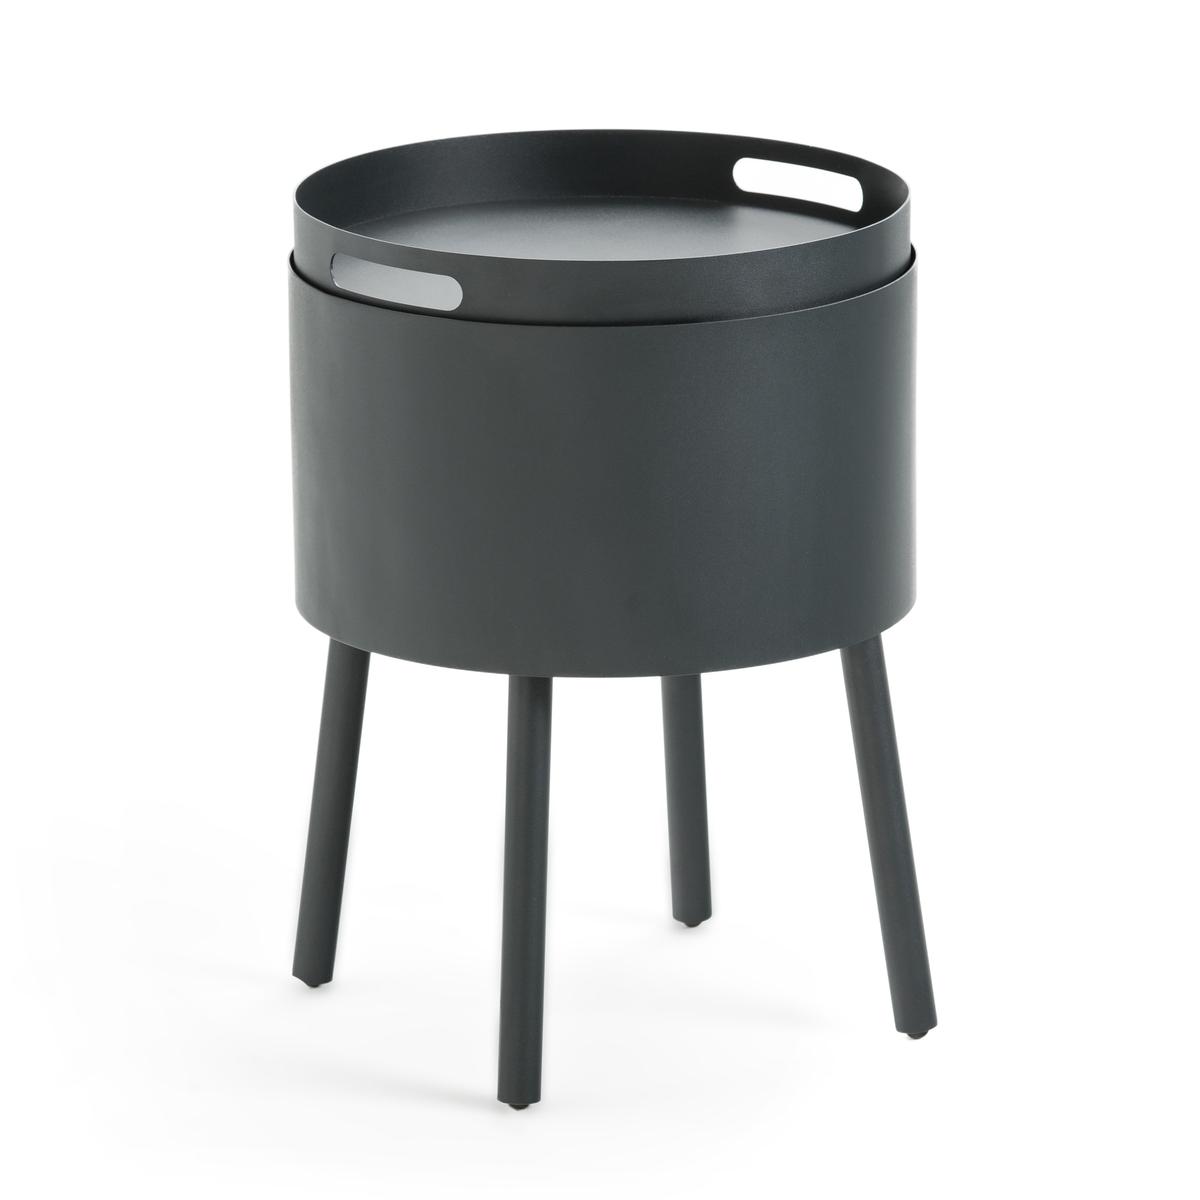 Столик La Redoute Прикроватный из металла Coubadi единый размер серый